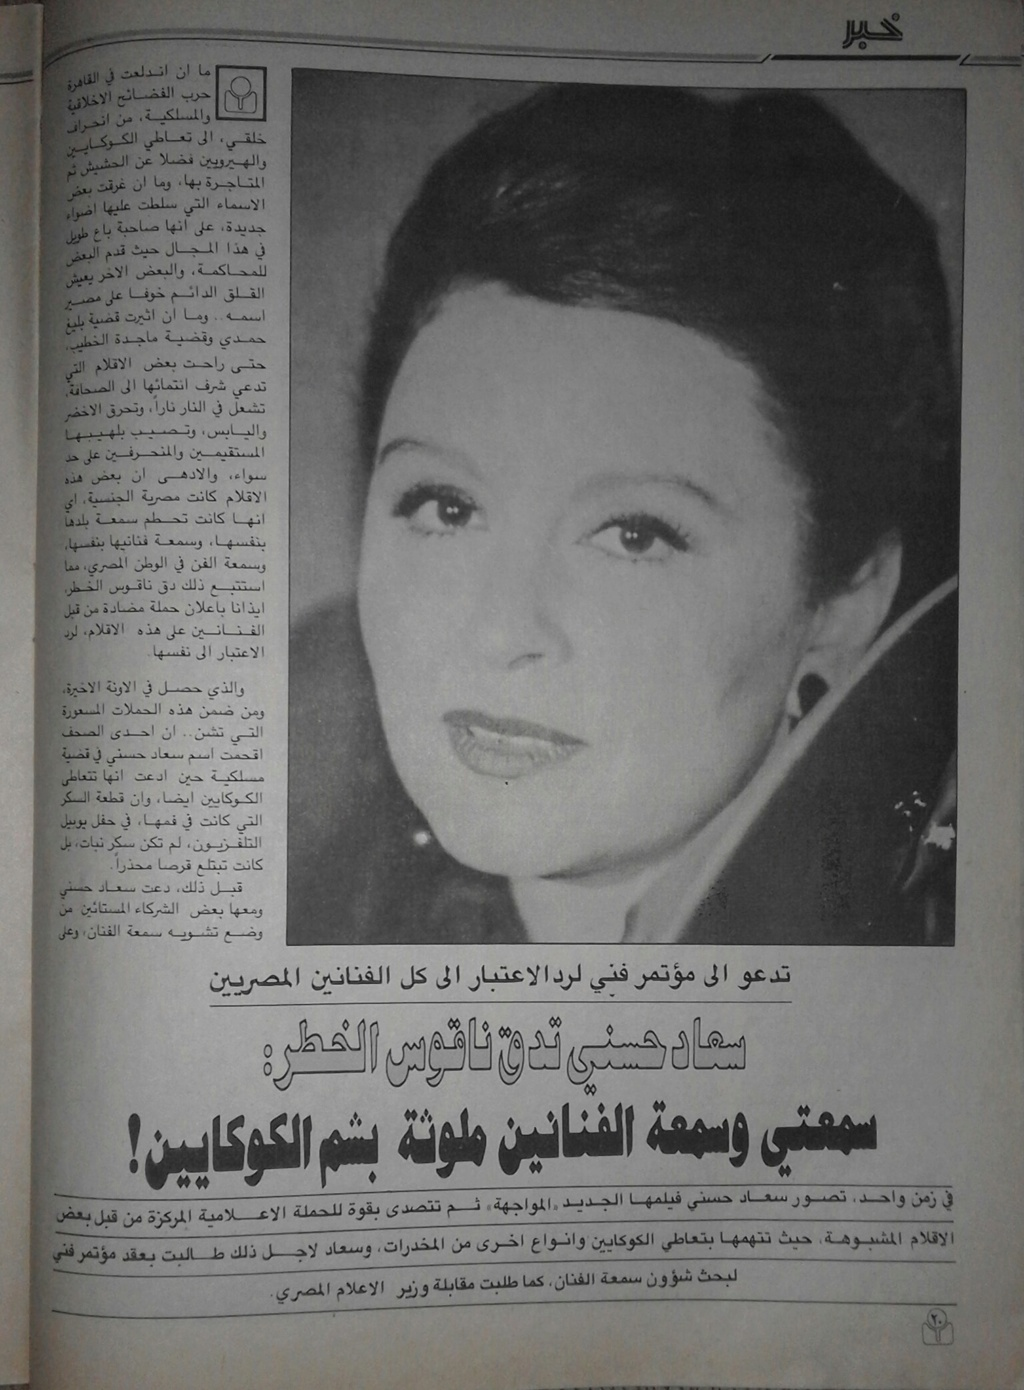 مقال صحفي : سعاد حسني تدق ناقوس الخطر .. سمعتي وسمعة الفنانين ملوثة بشم الكوكايين ! 1985 م 121